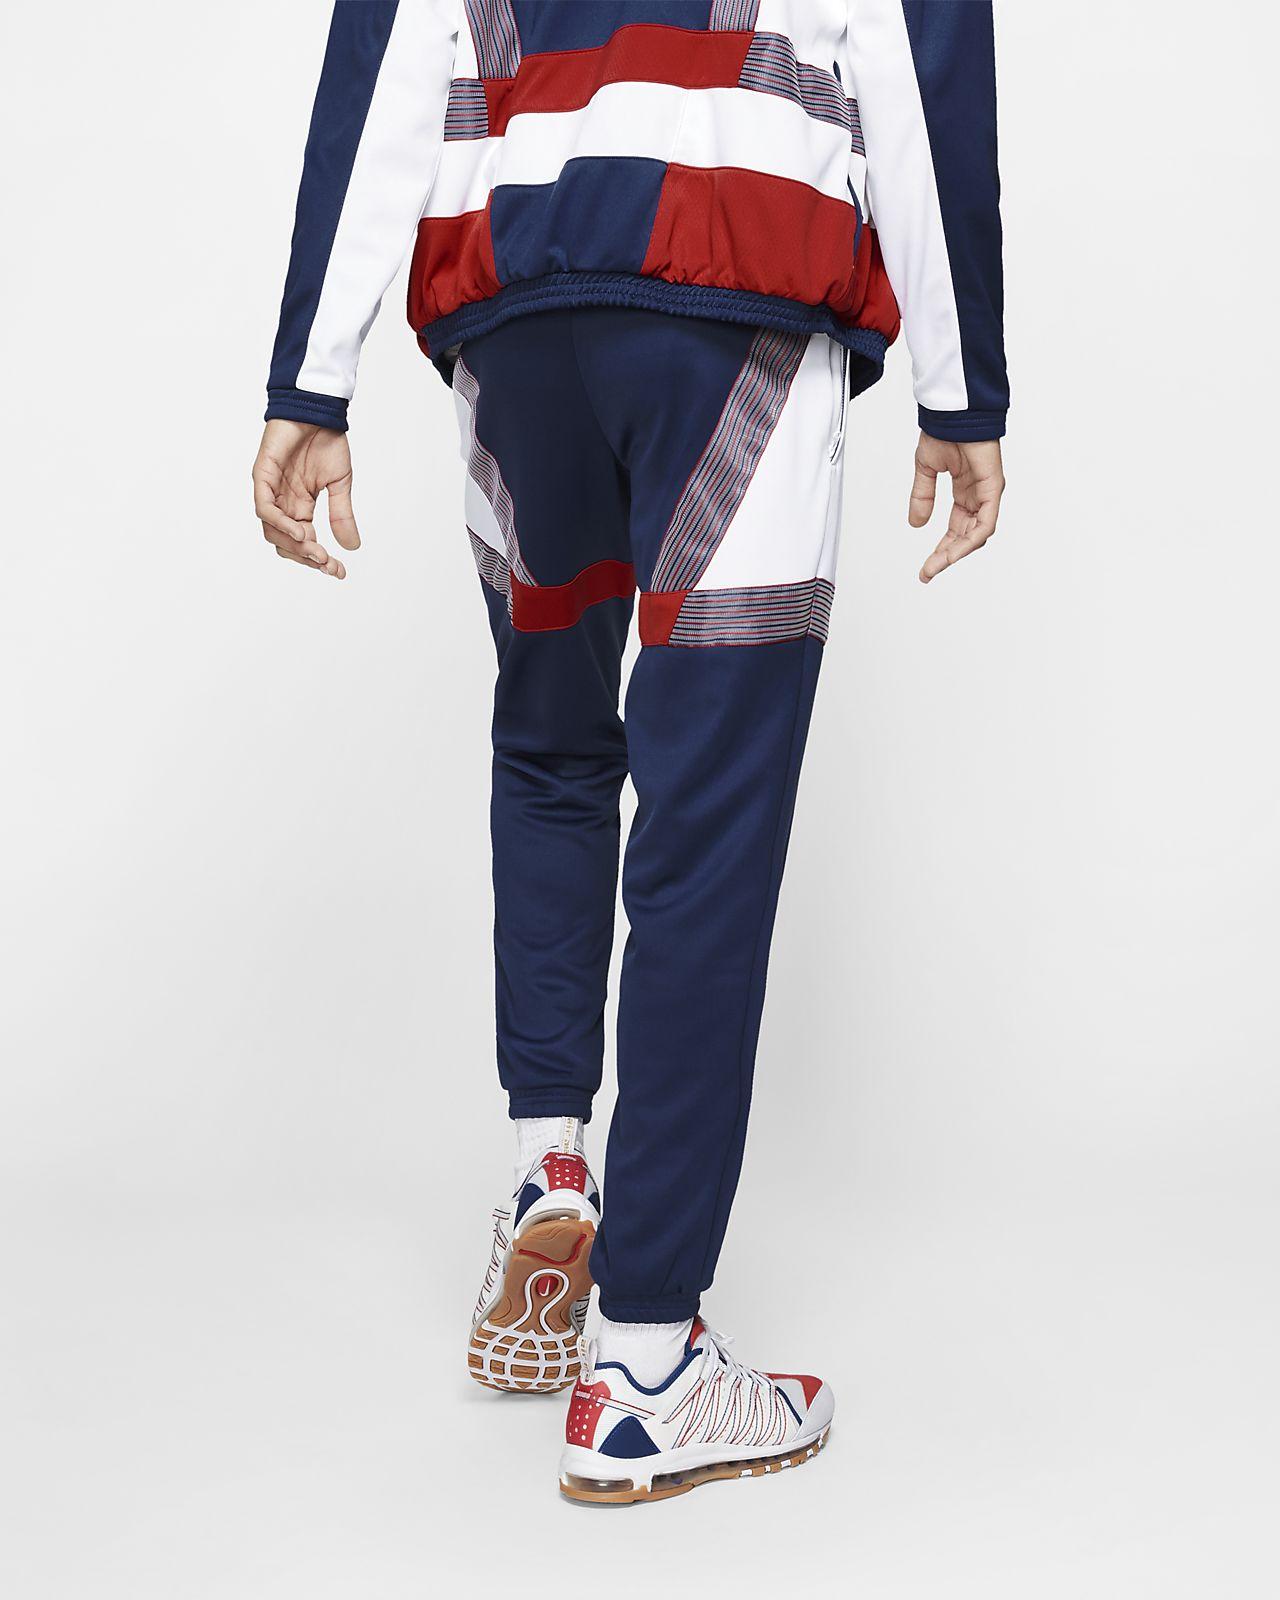 371f11dd6d Tuta in woven Nike x CLOT - Uomo